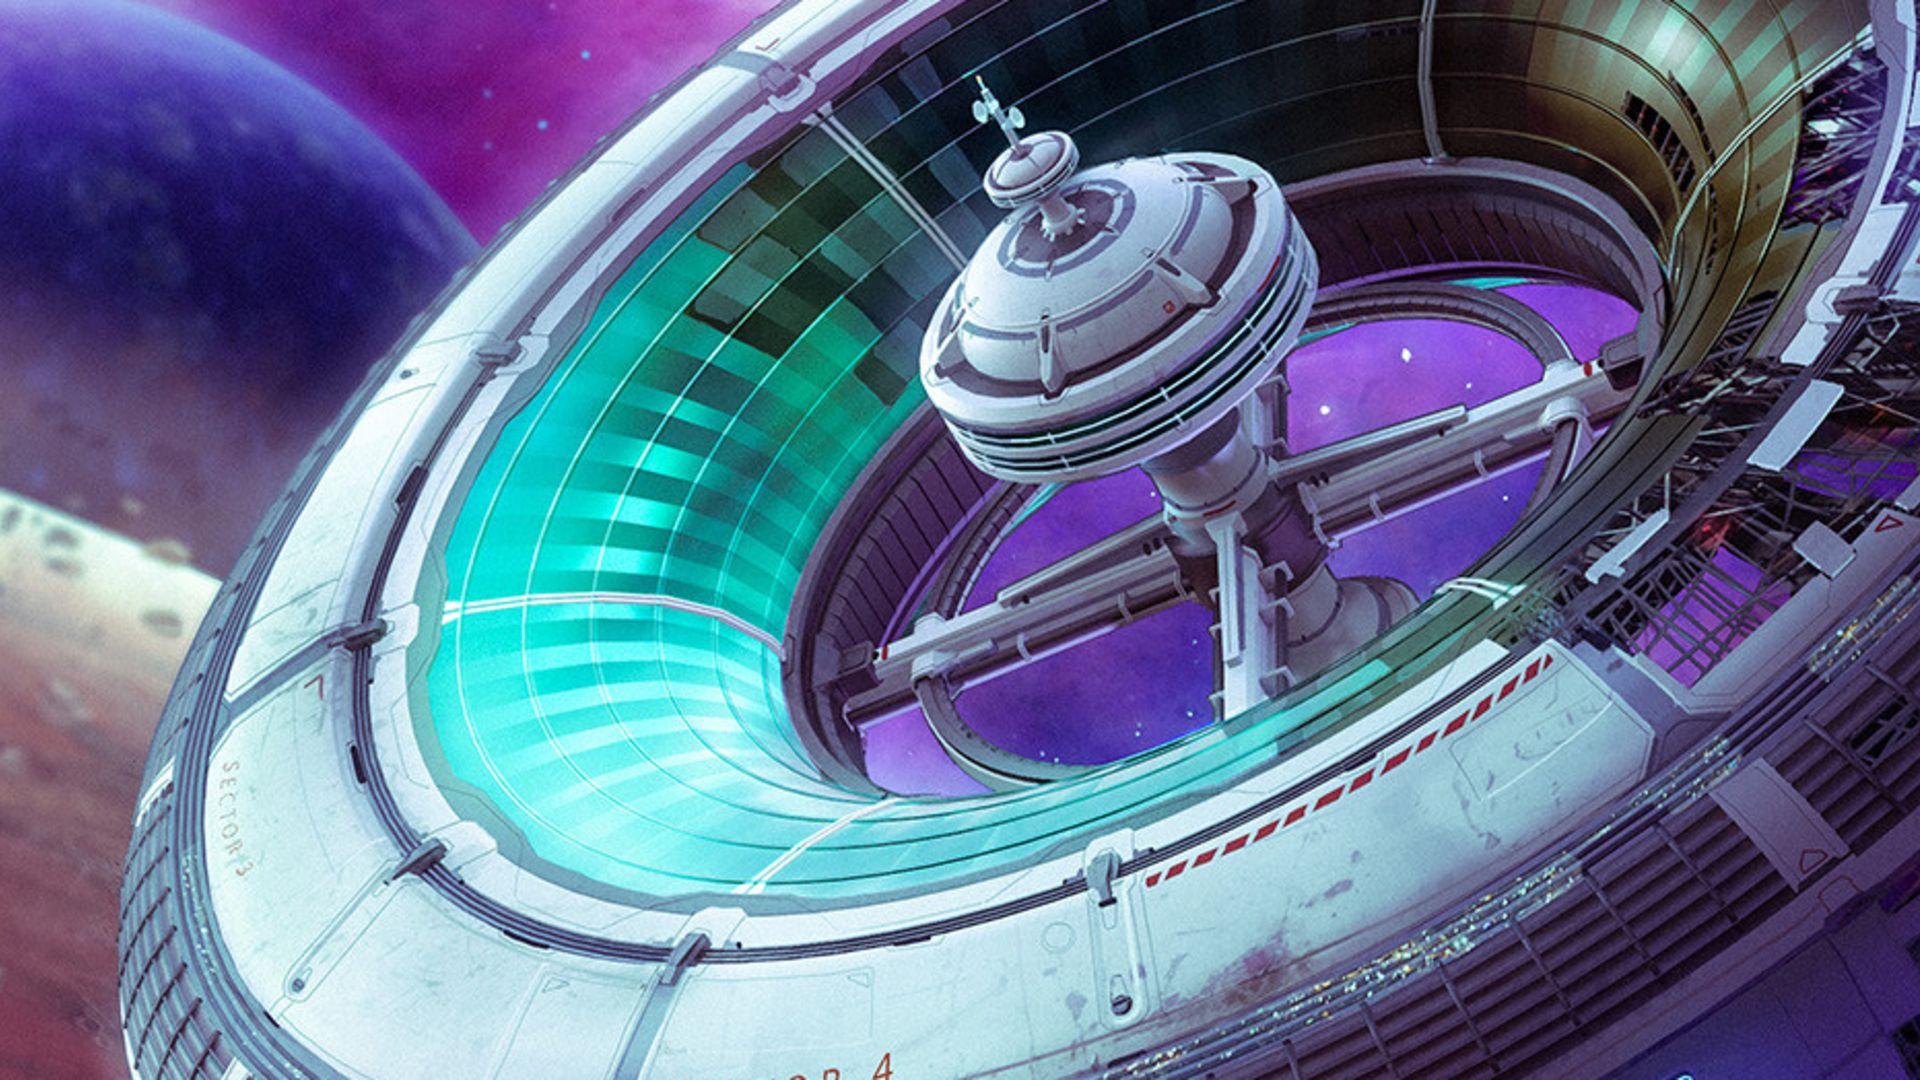 spacebase startopia artwork